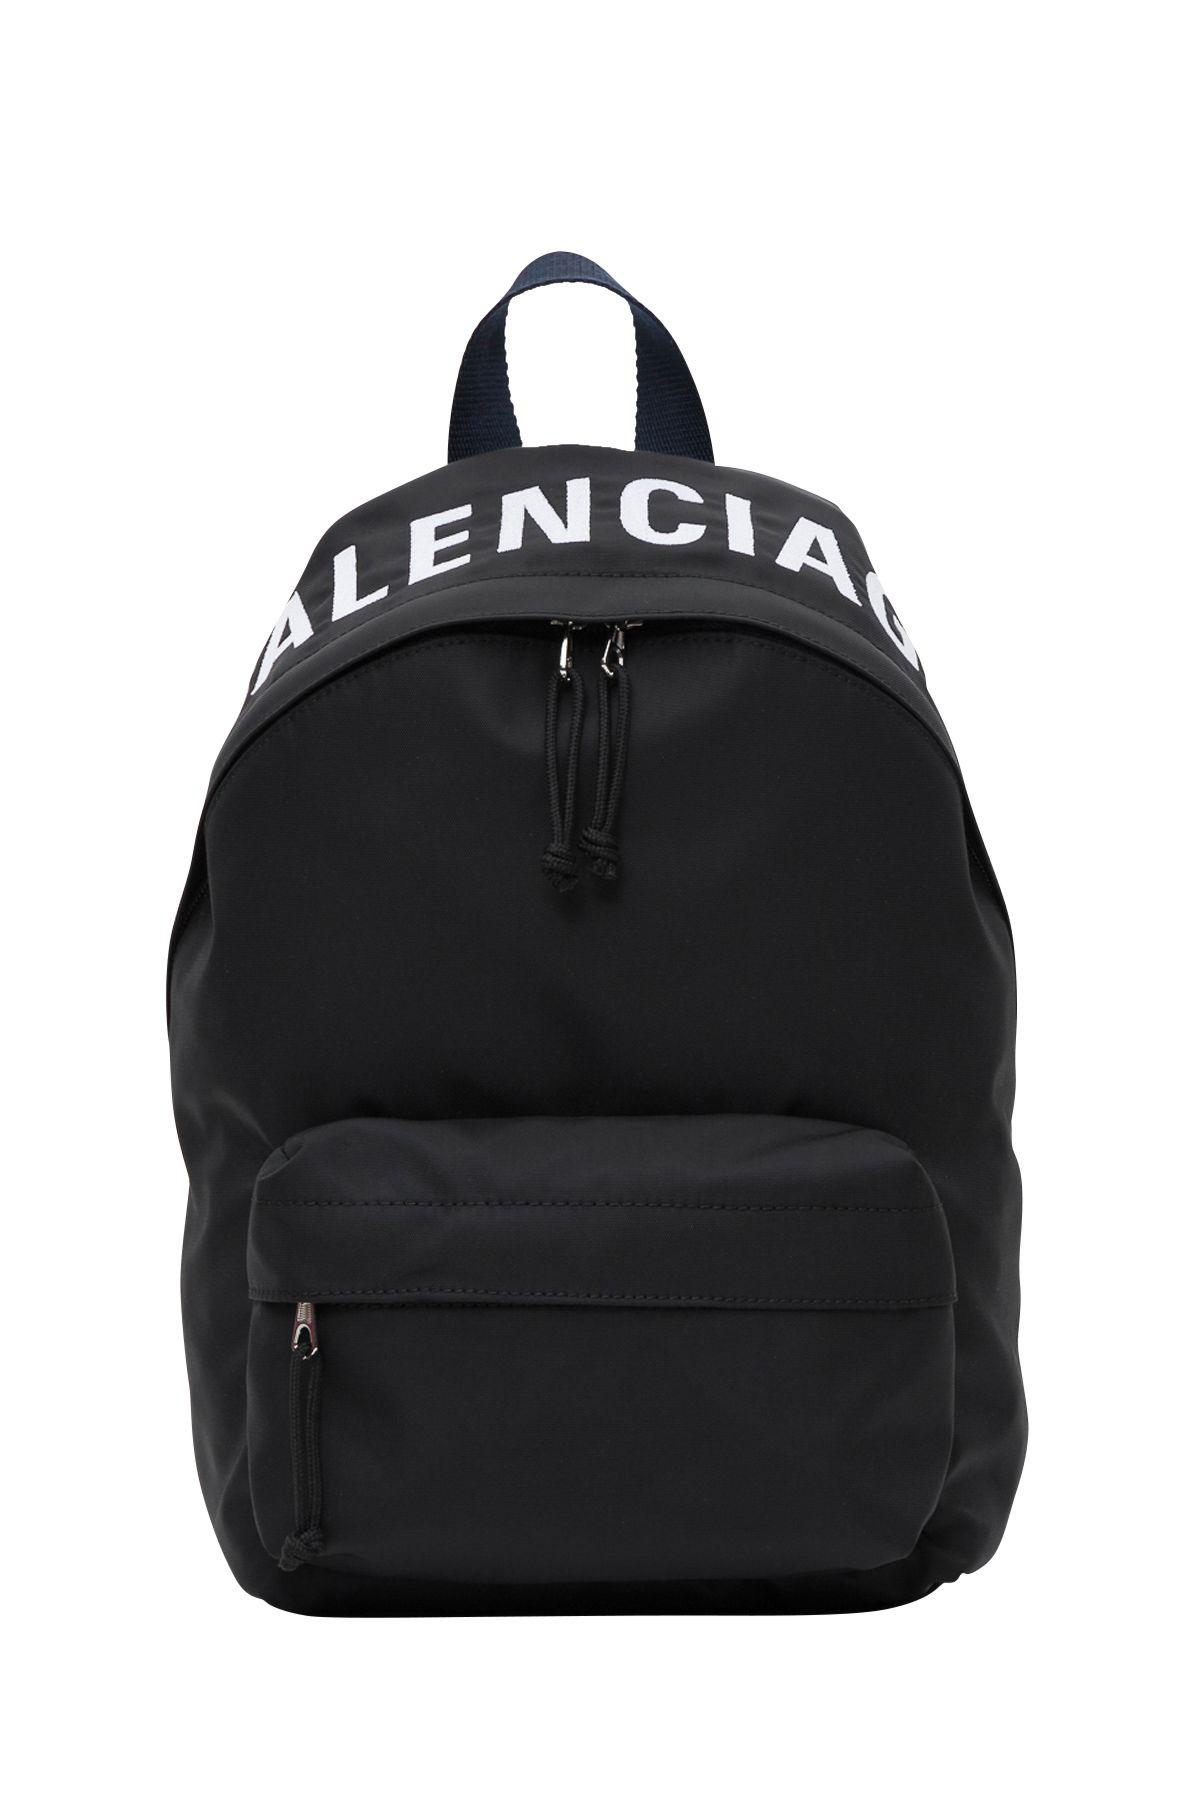 14f0c3555a984e Balenciaga Wheel Logo Embroidered Nylon Backpack | £601.68 | Grazia